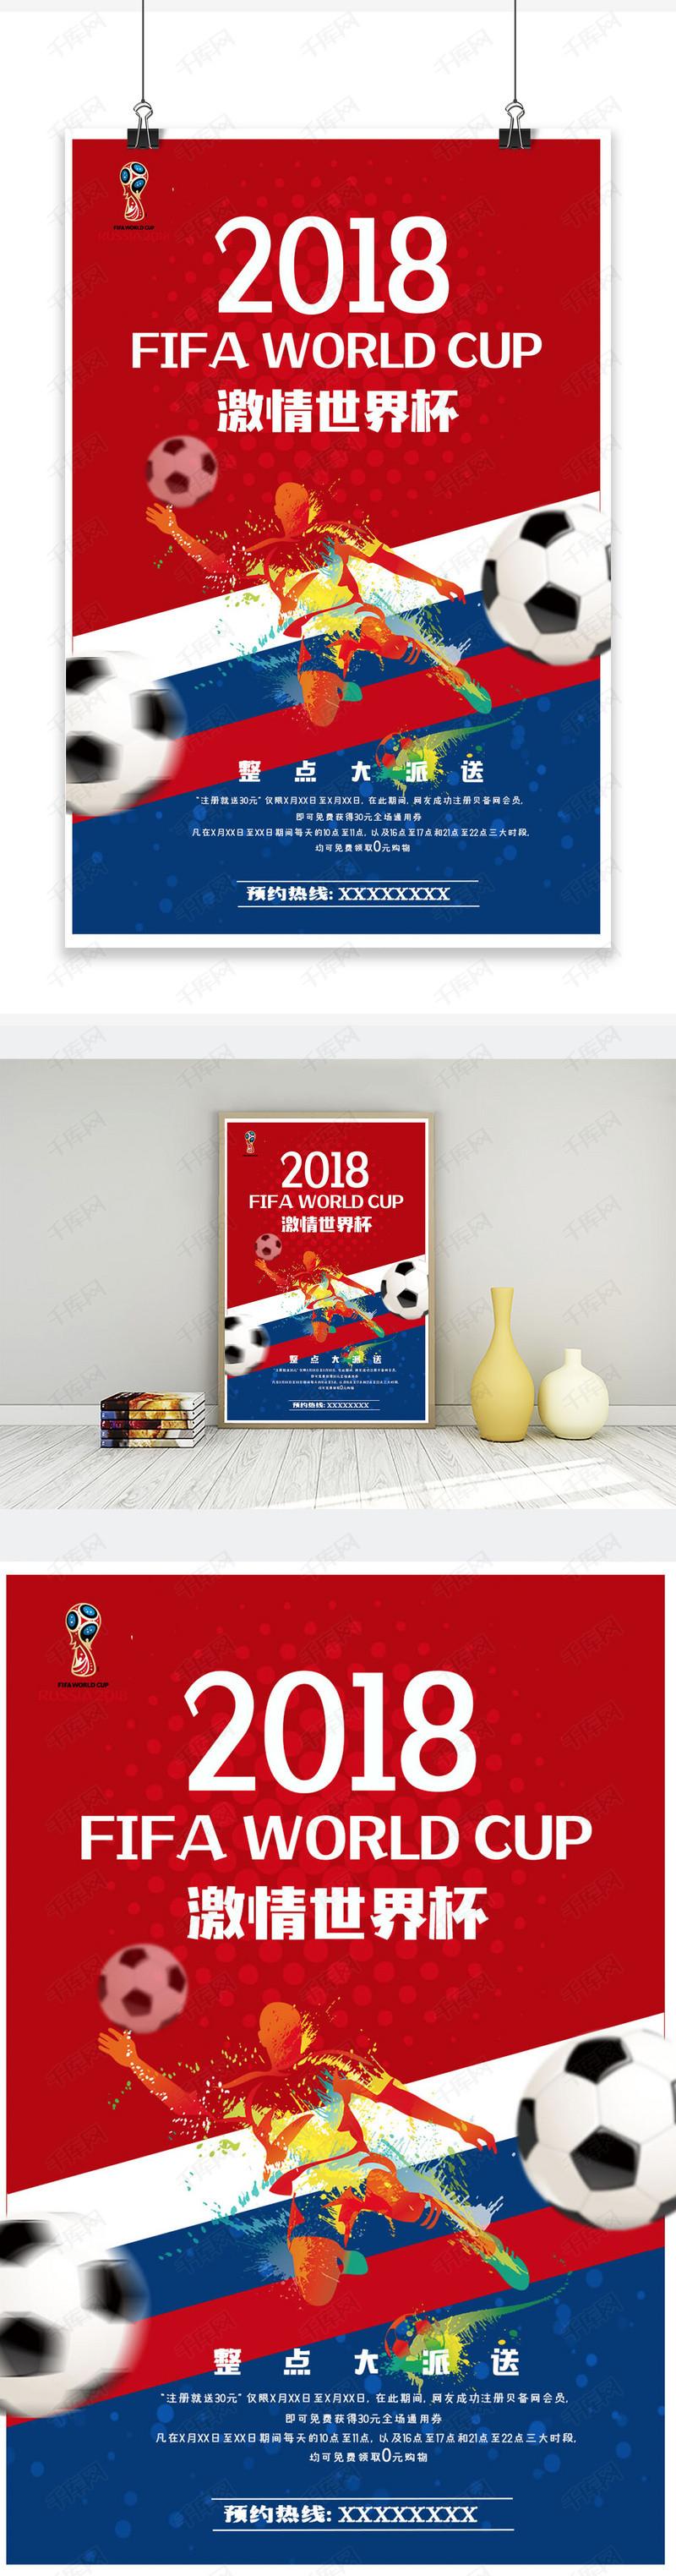 俄罗斯世界杯海报千库原创